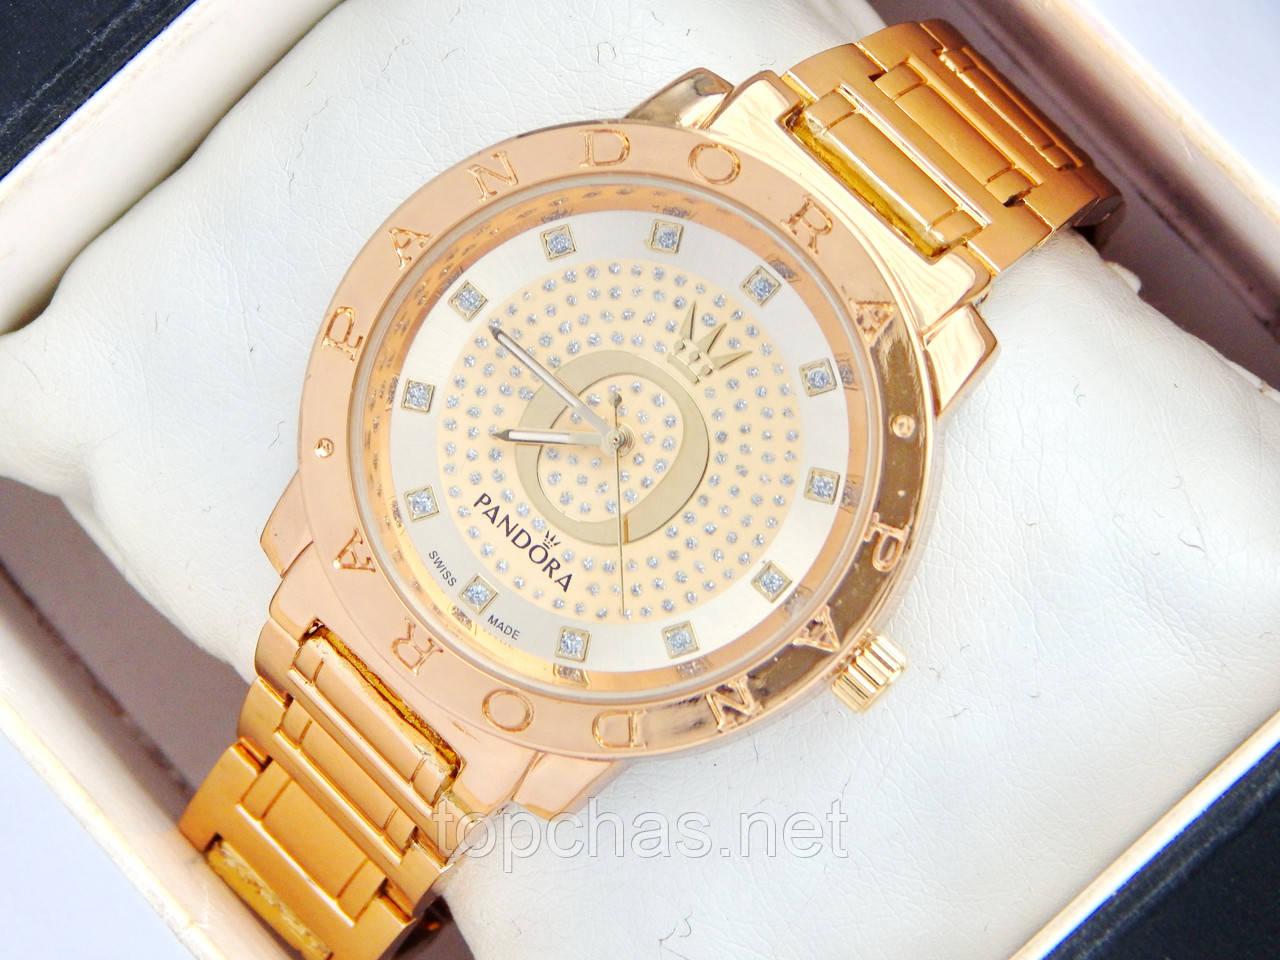 Золотые часы Pandora c буквой О и короной, стразы на циферблате - Top Chas - 57dc8440114